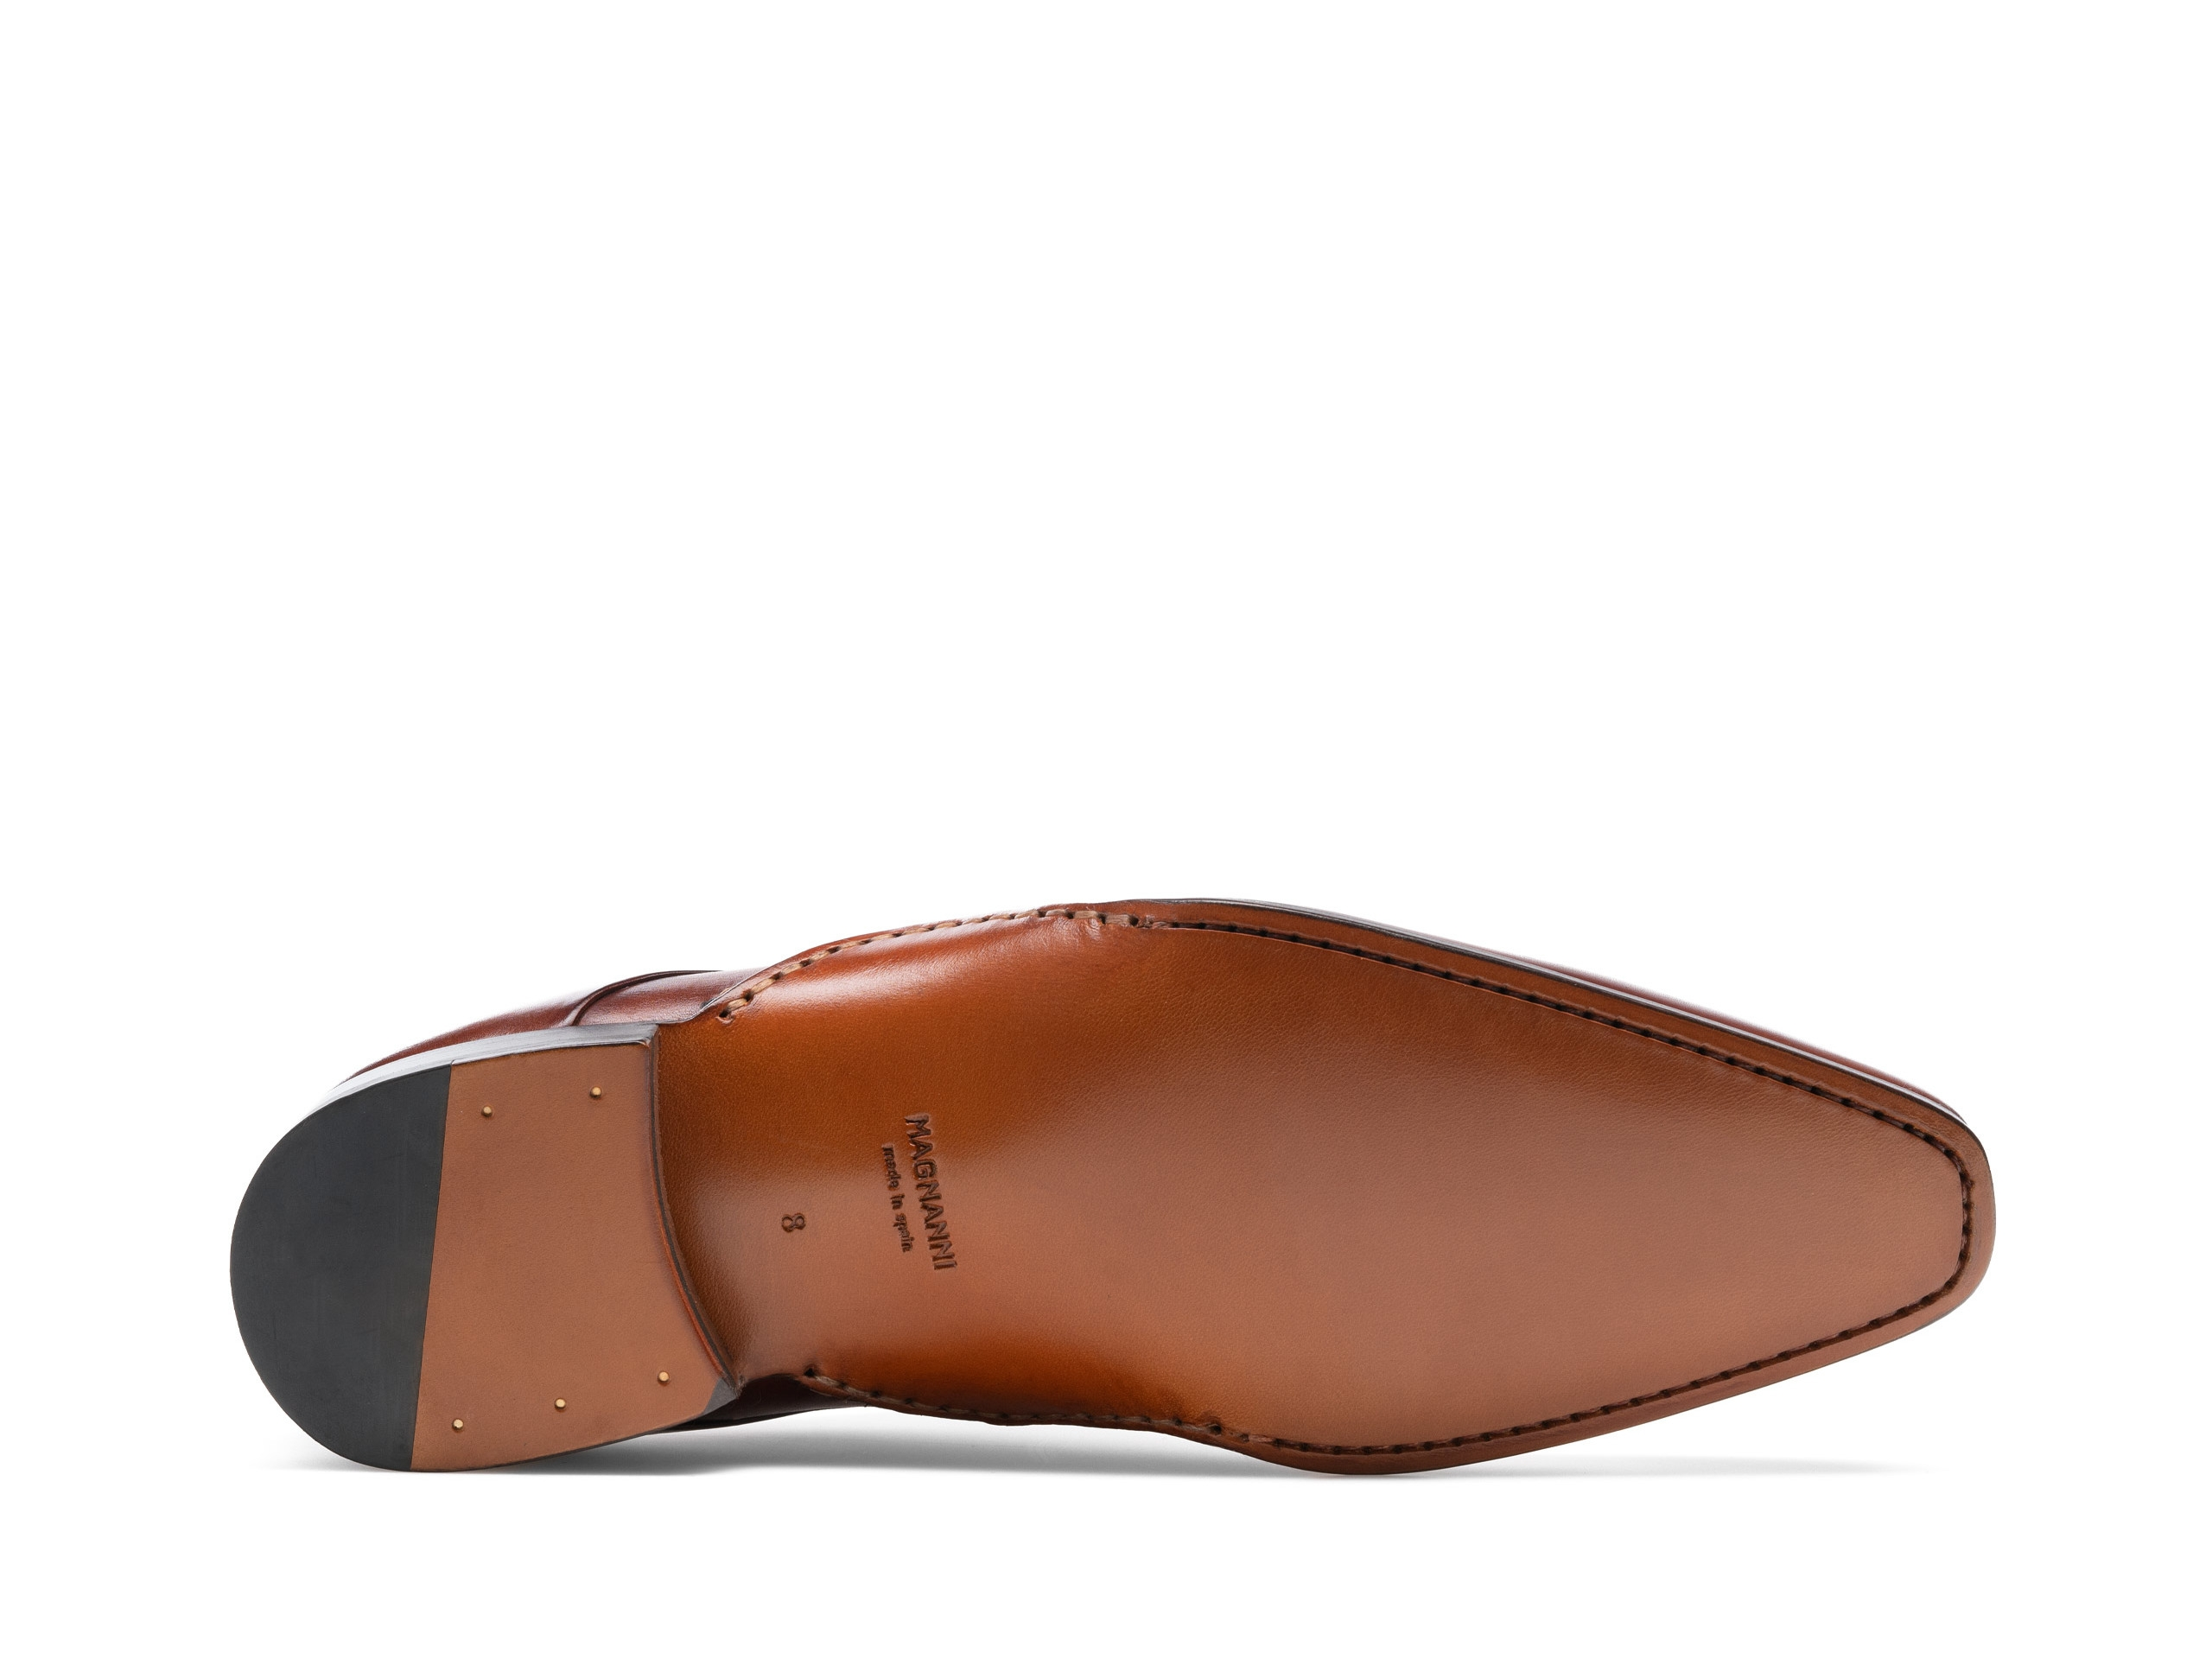 The sole of the Nacio